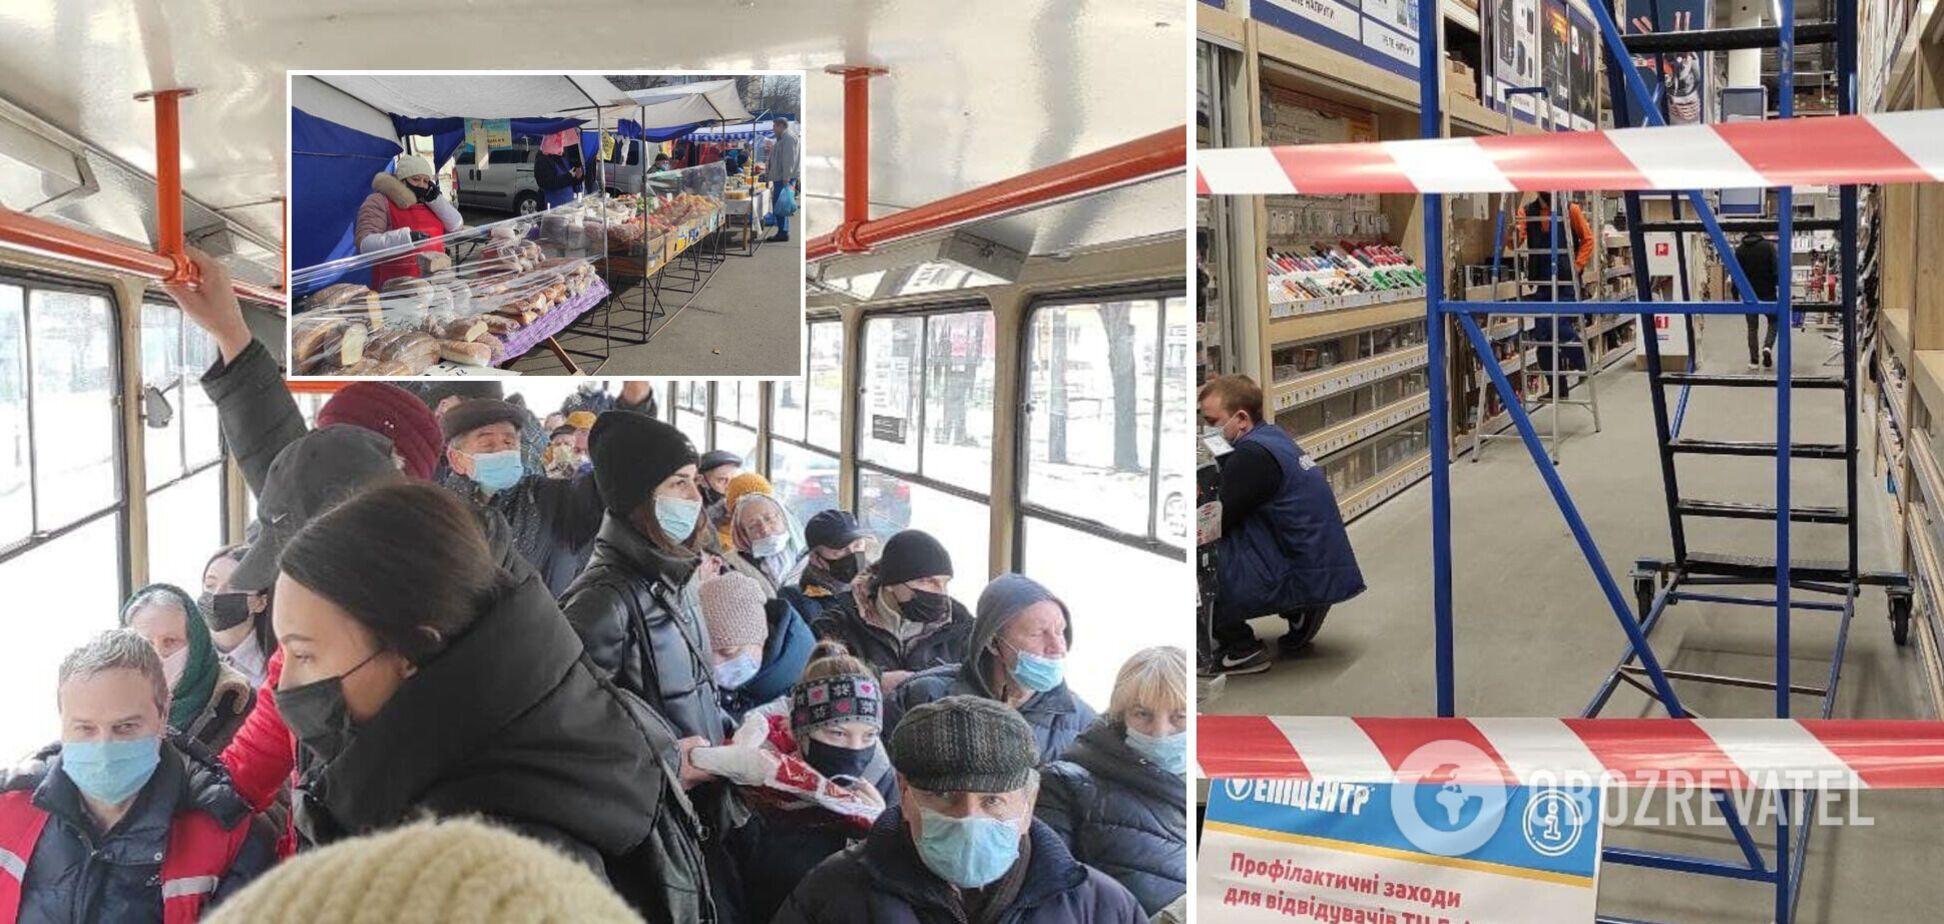 Як Київ дотримувався локдауну в перший день обмежень: фоторепортаж